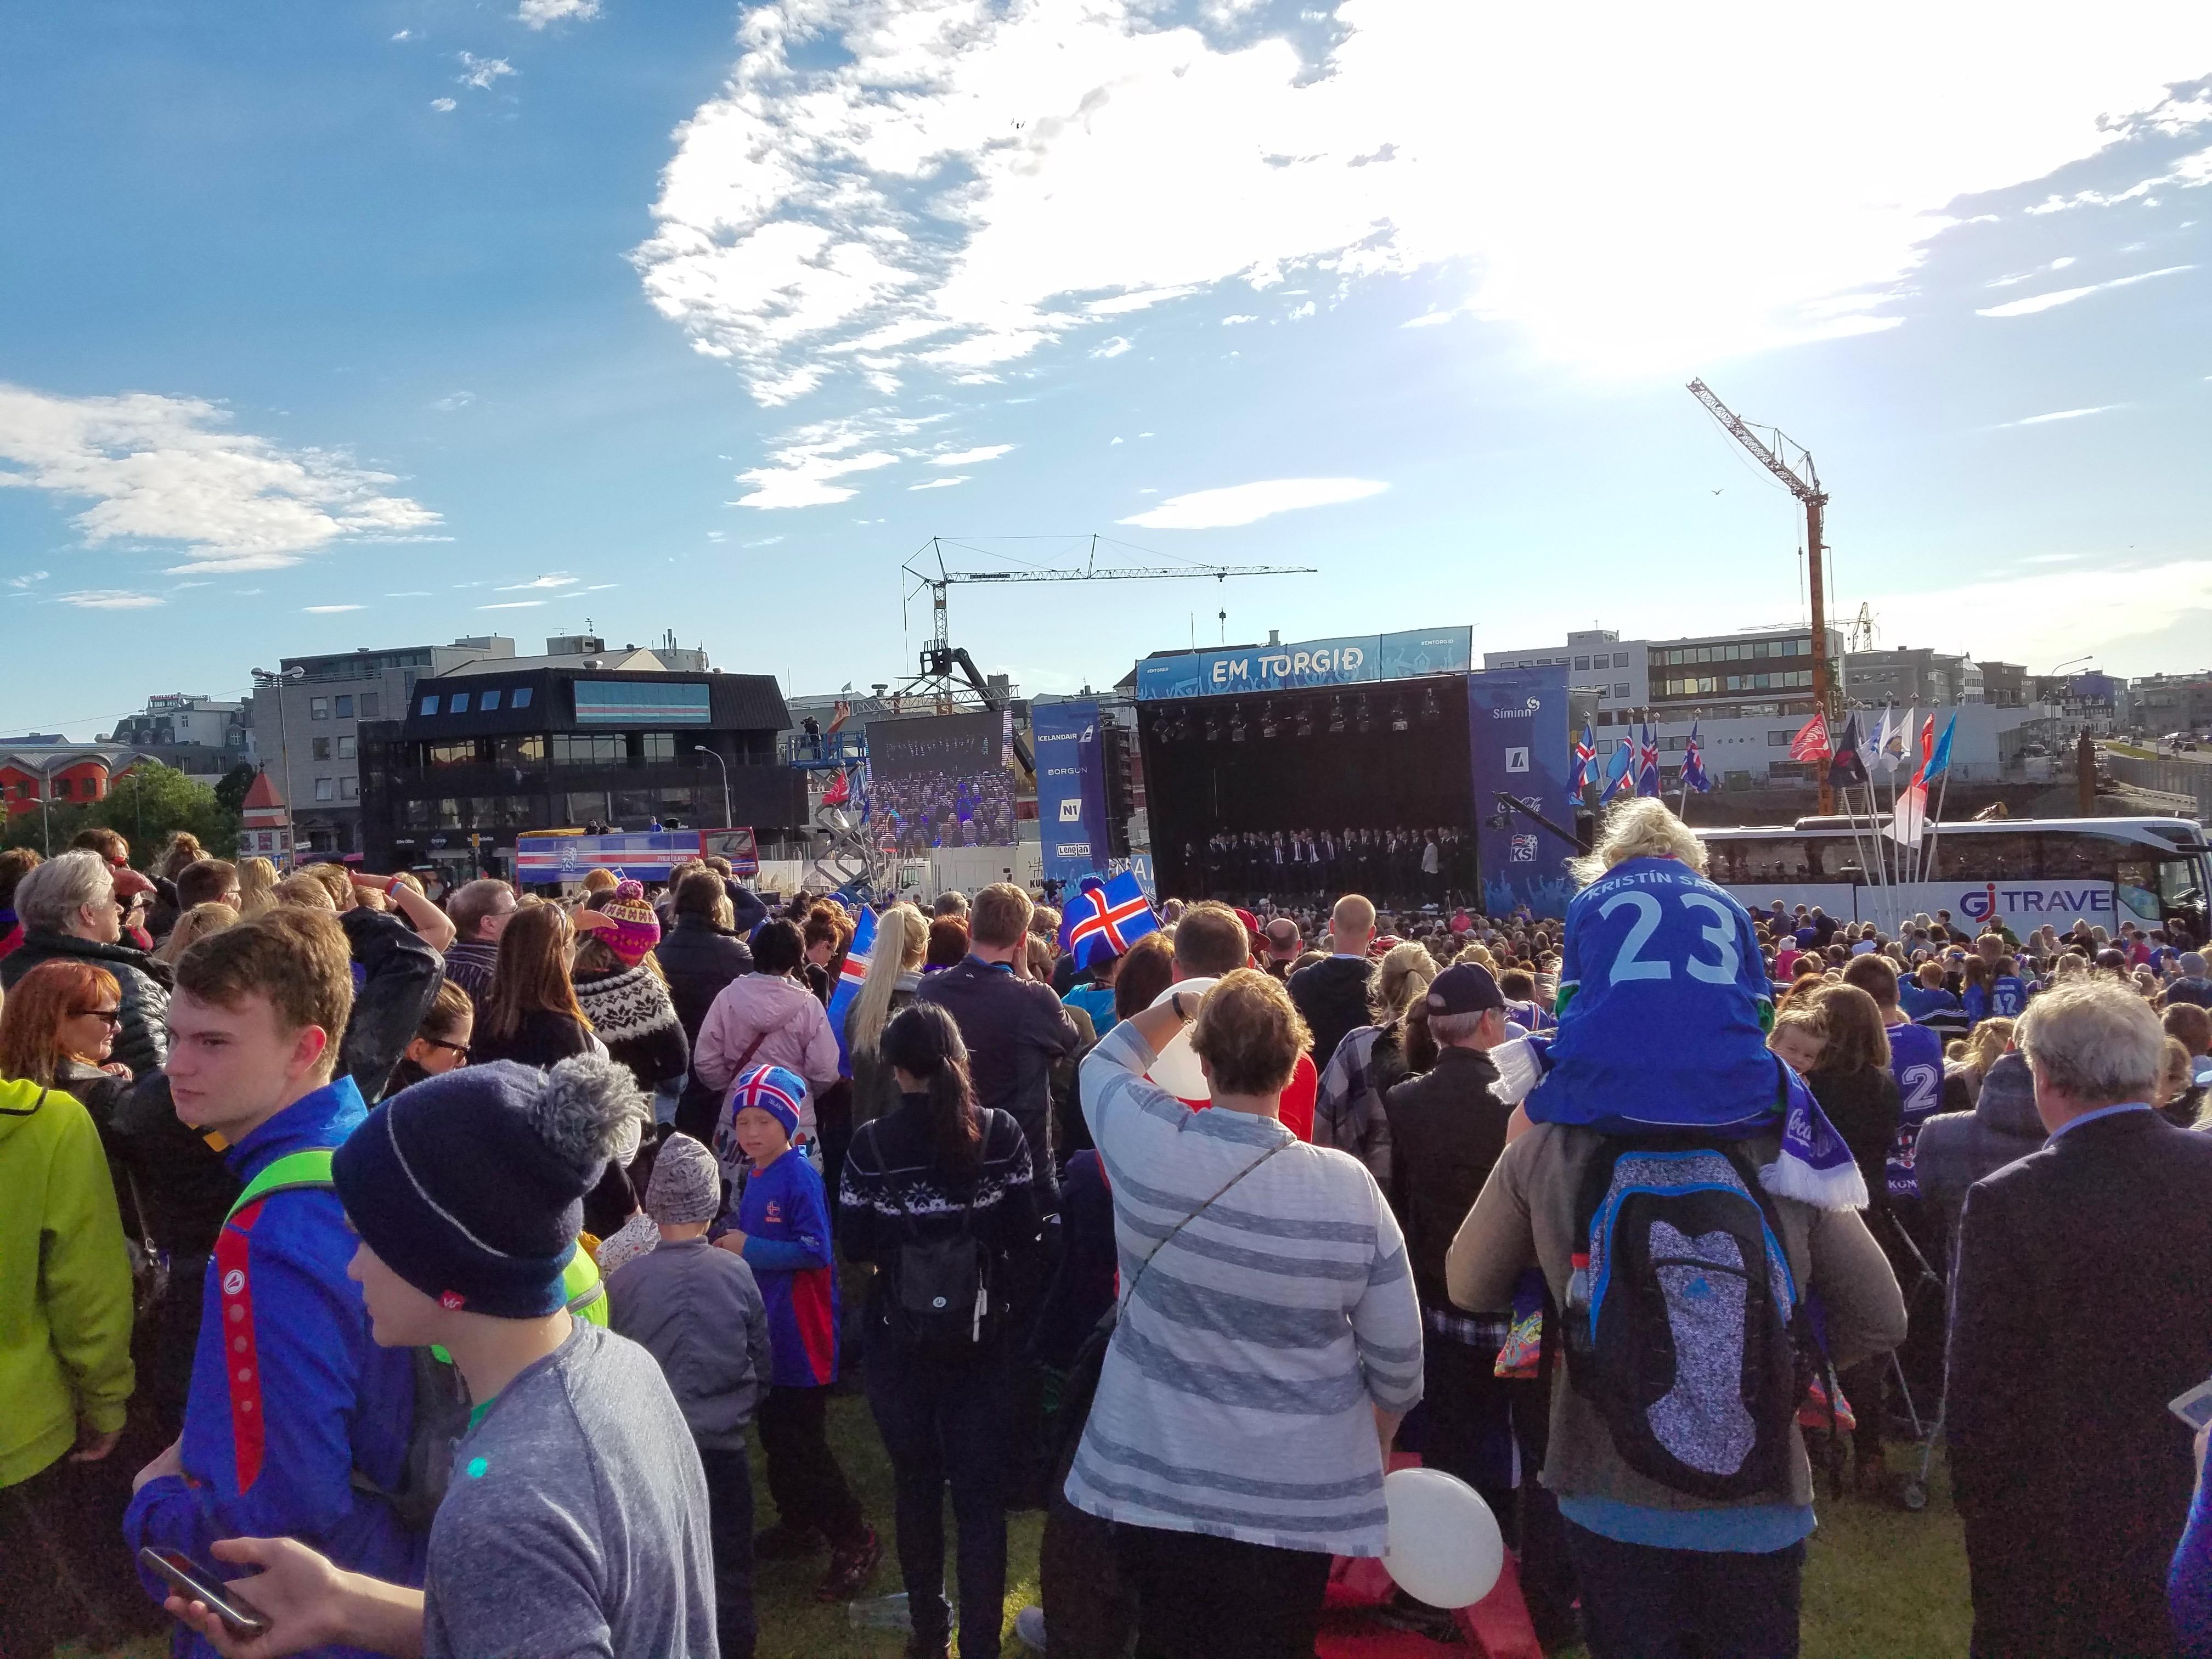 段暄直播冰岛球员凯旋仪式 万人高唱战歌场面震撼